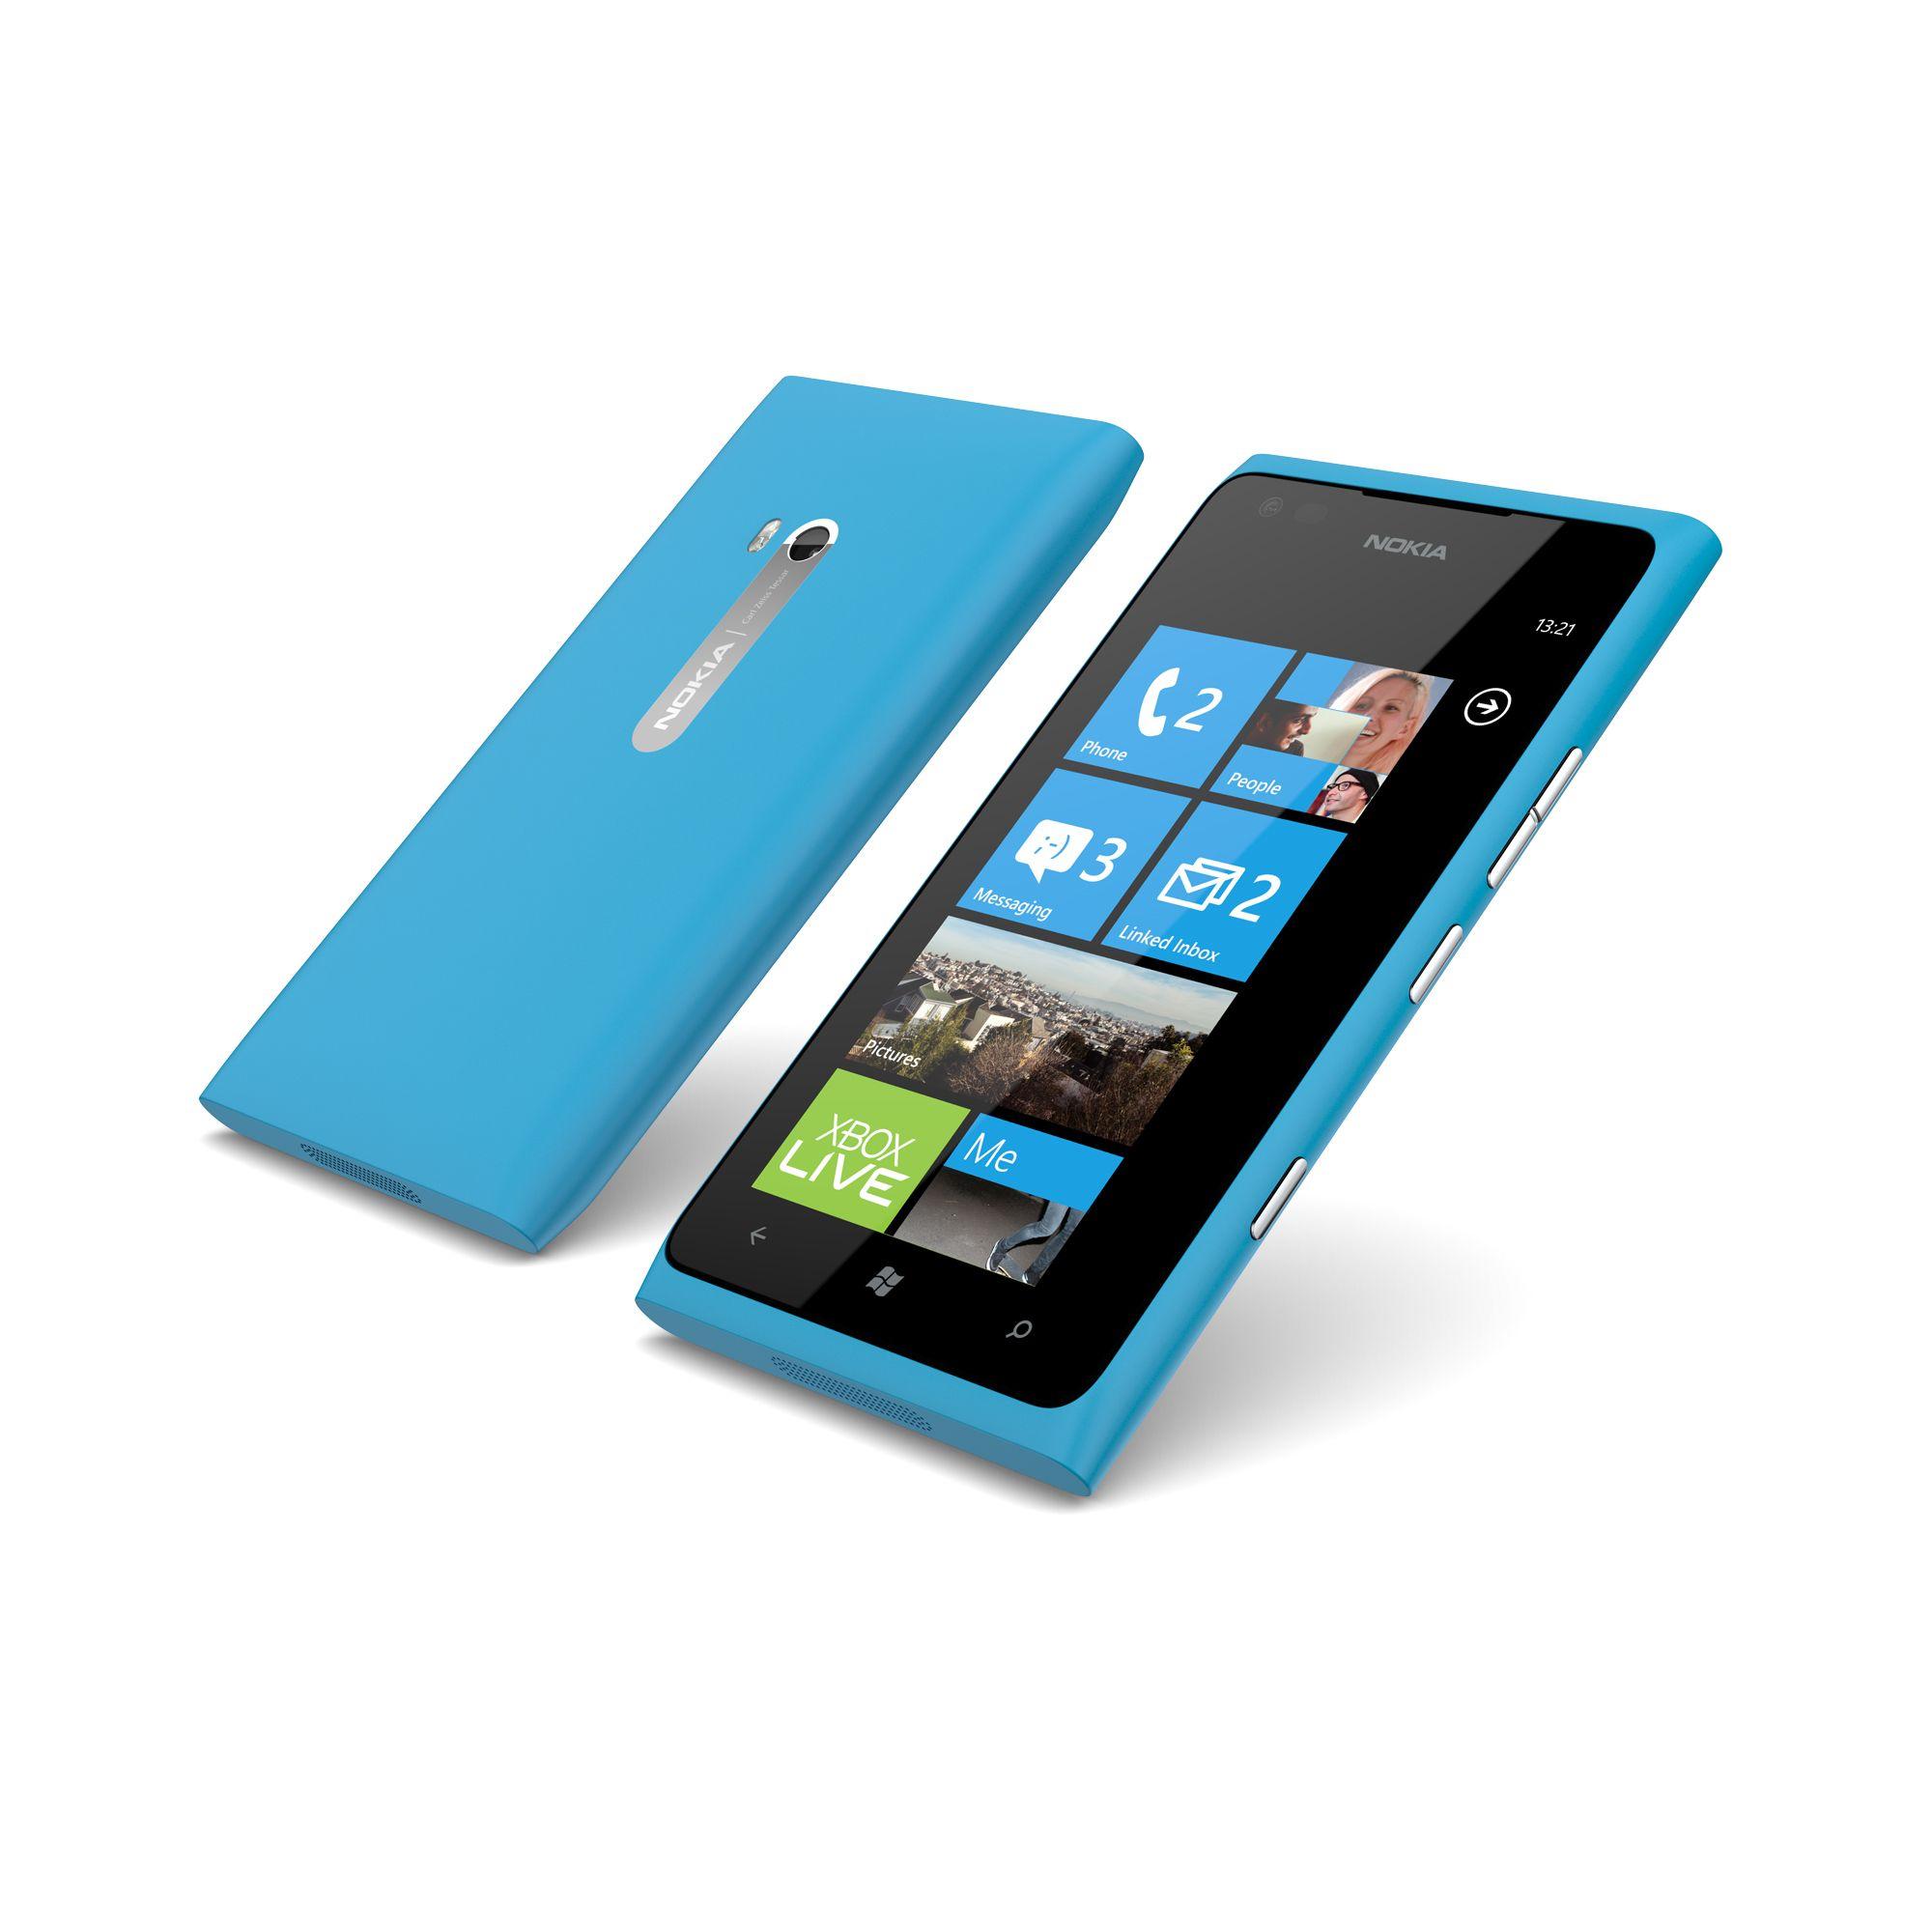 Le Nokia Lumia X et son objectif 4x rotatif… un prototype avec un air de  déjà vu ?